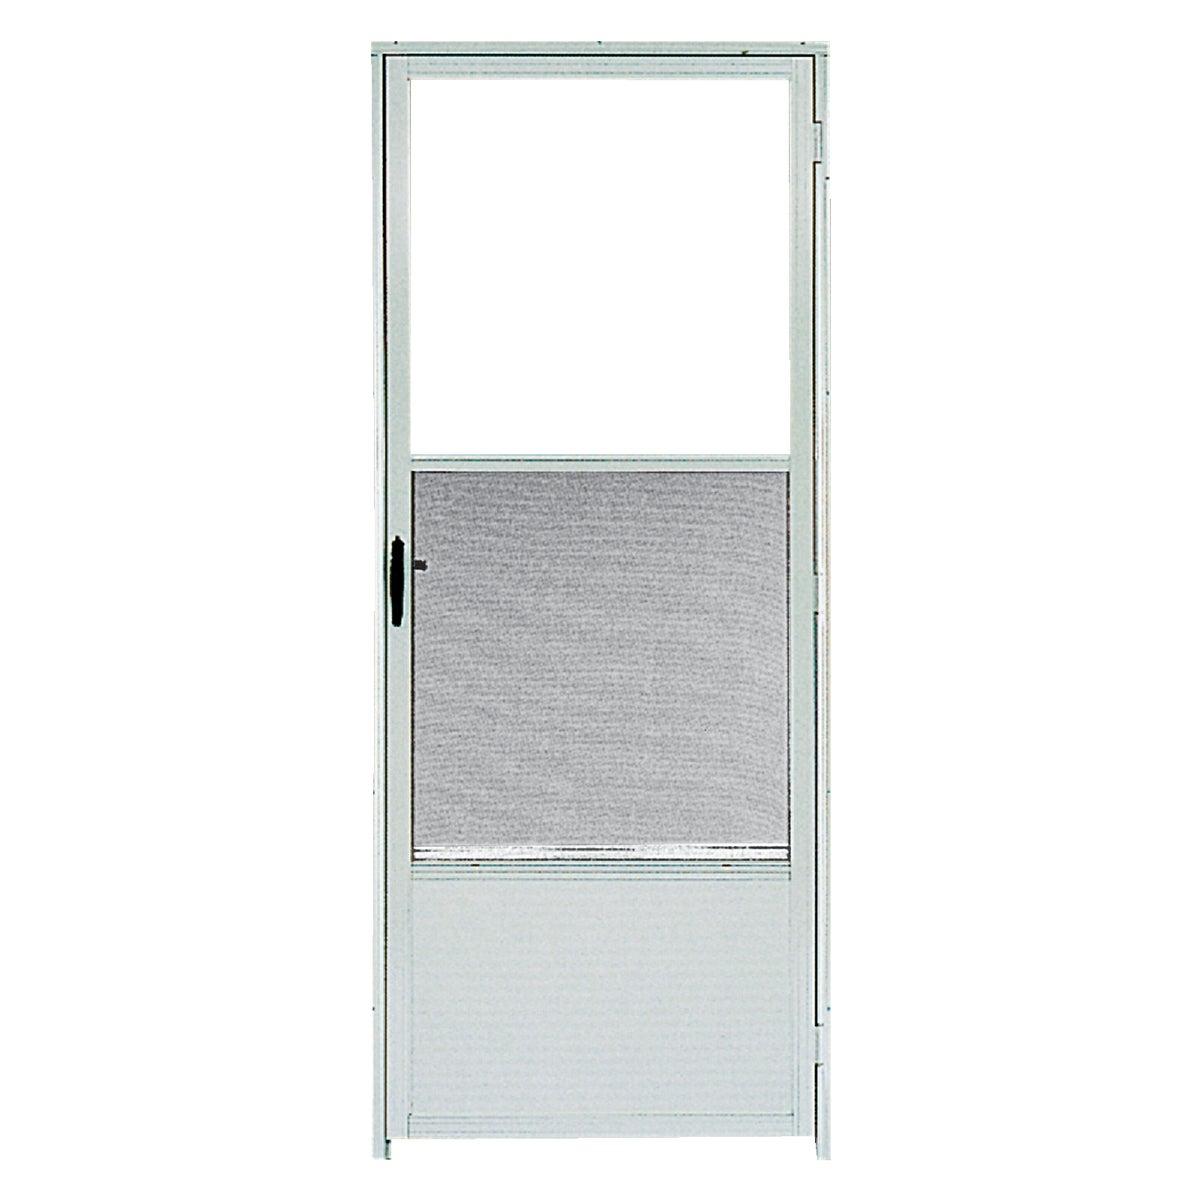 563 2868 Lh Wht Door